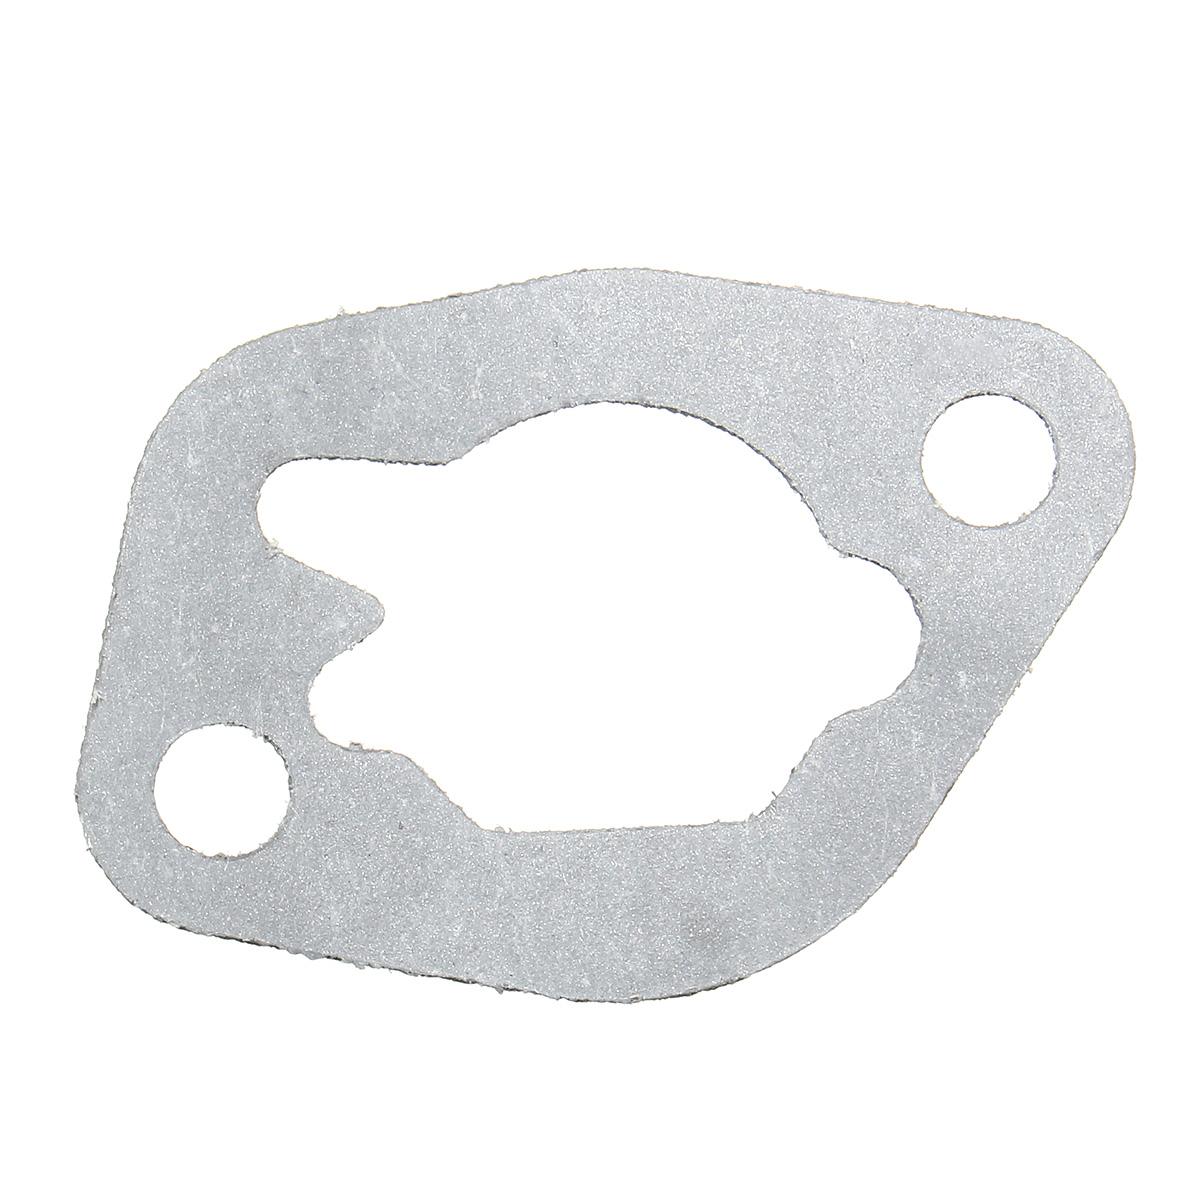 Прокладка фильтра карбюратора Масло Труба Набор Для Honda GX160 5.5HP GX200 16100-ZH8-W61 - фото 9